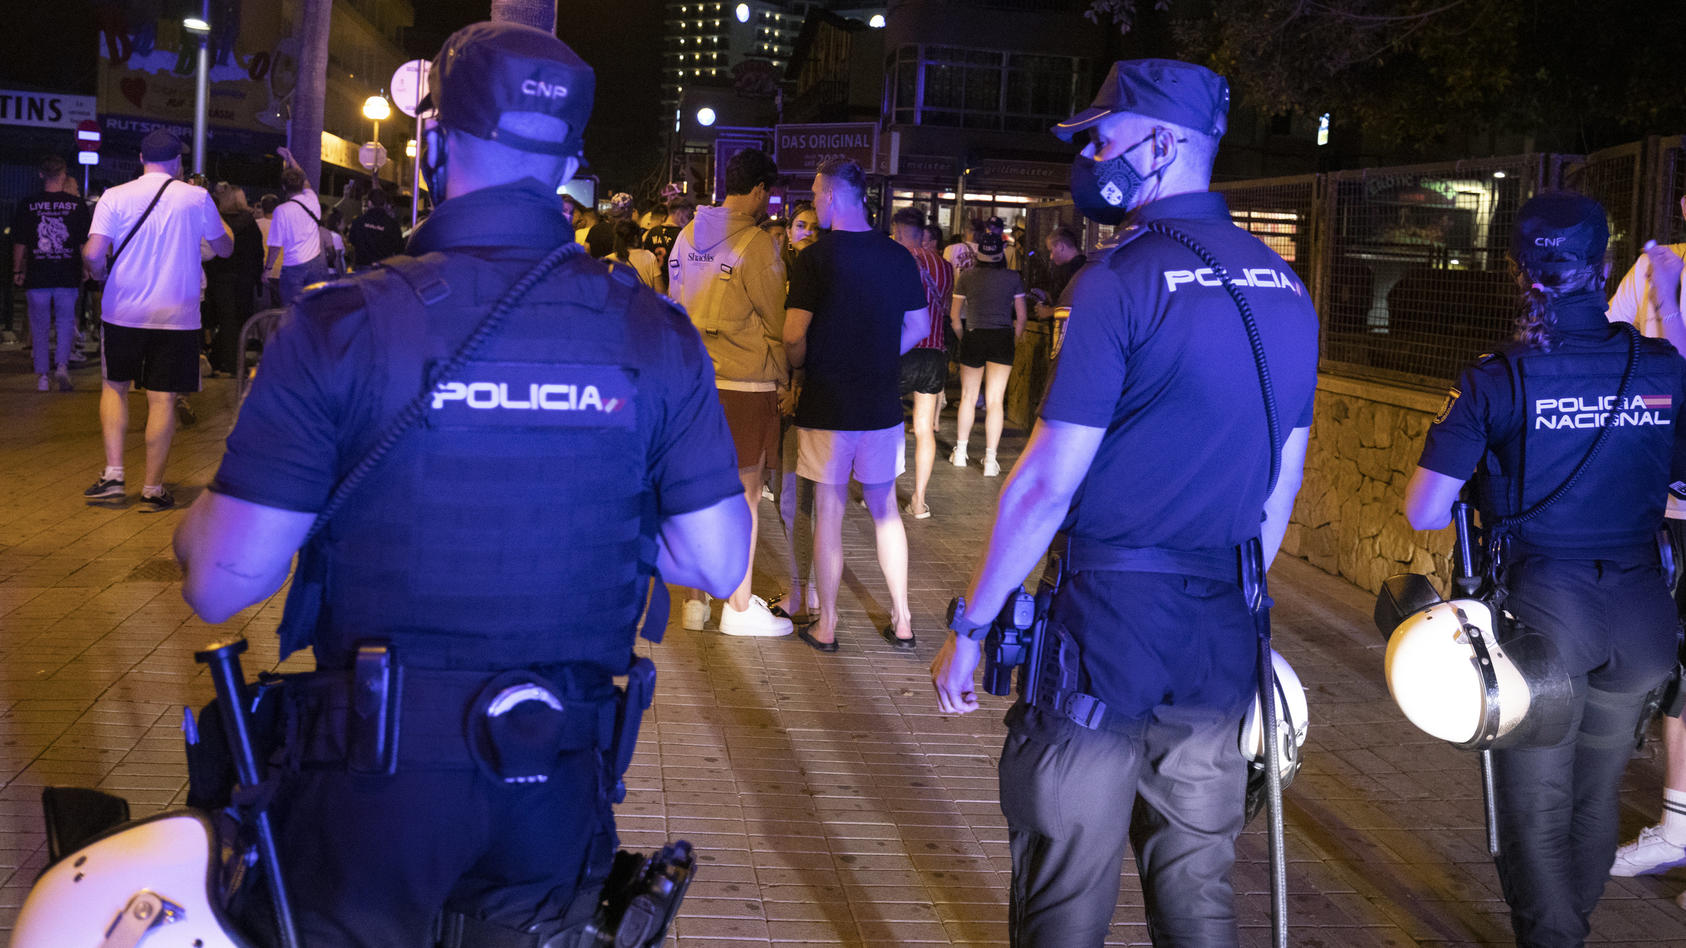 Am Strand von Mallorca wurde ein 27-jähriger Niederländer zu Tode geprügelt.